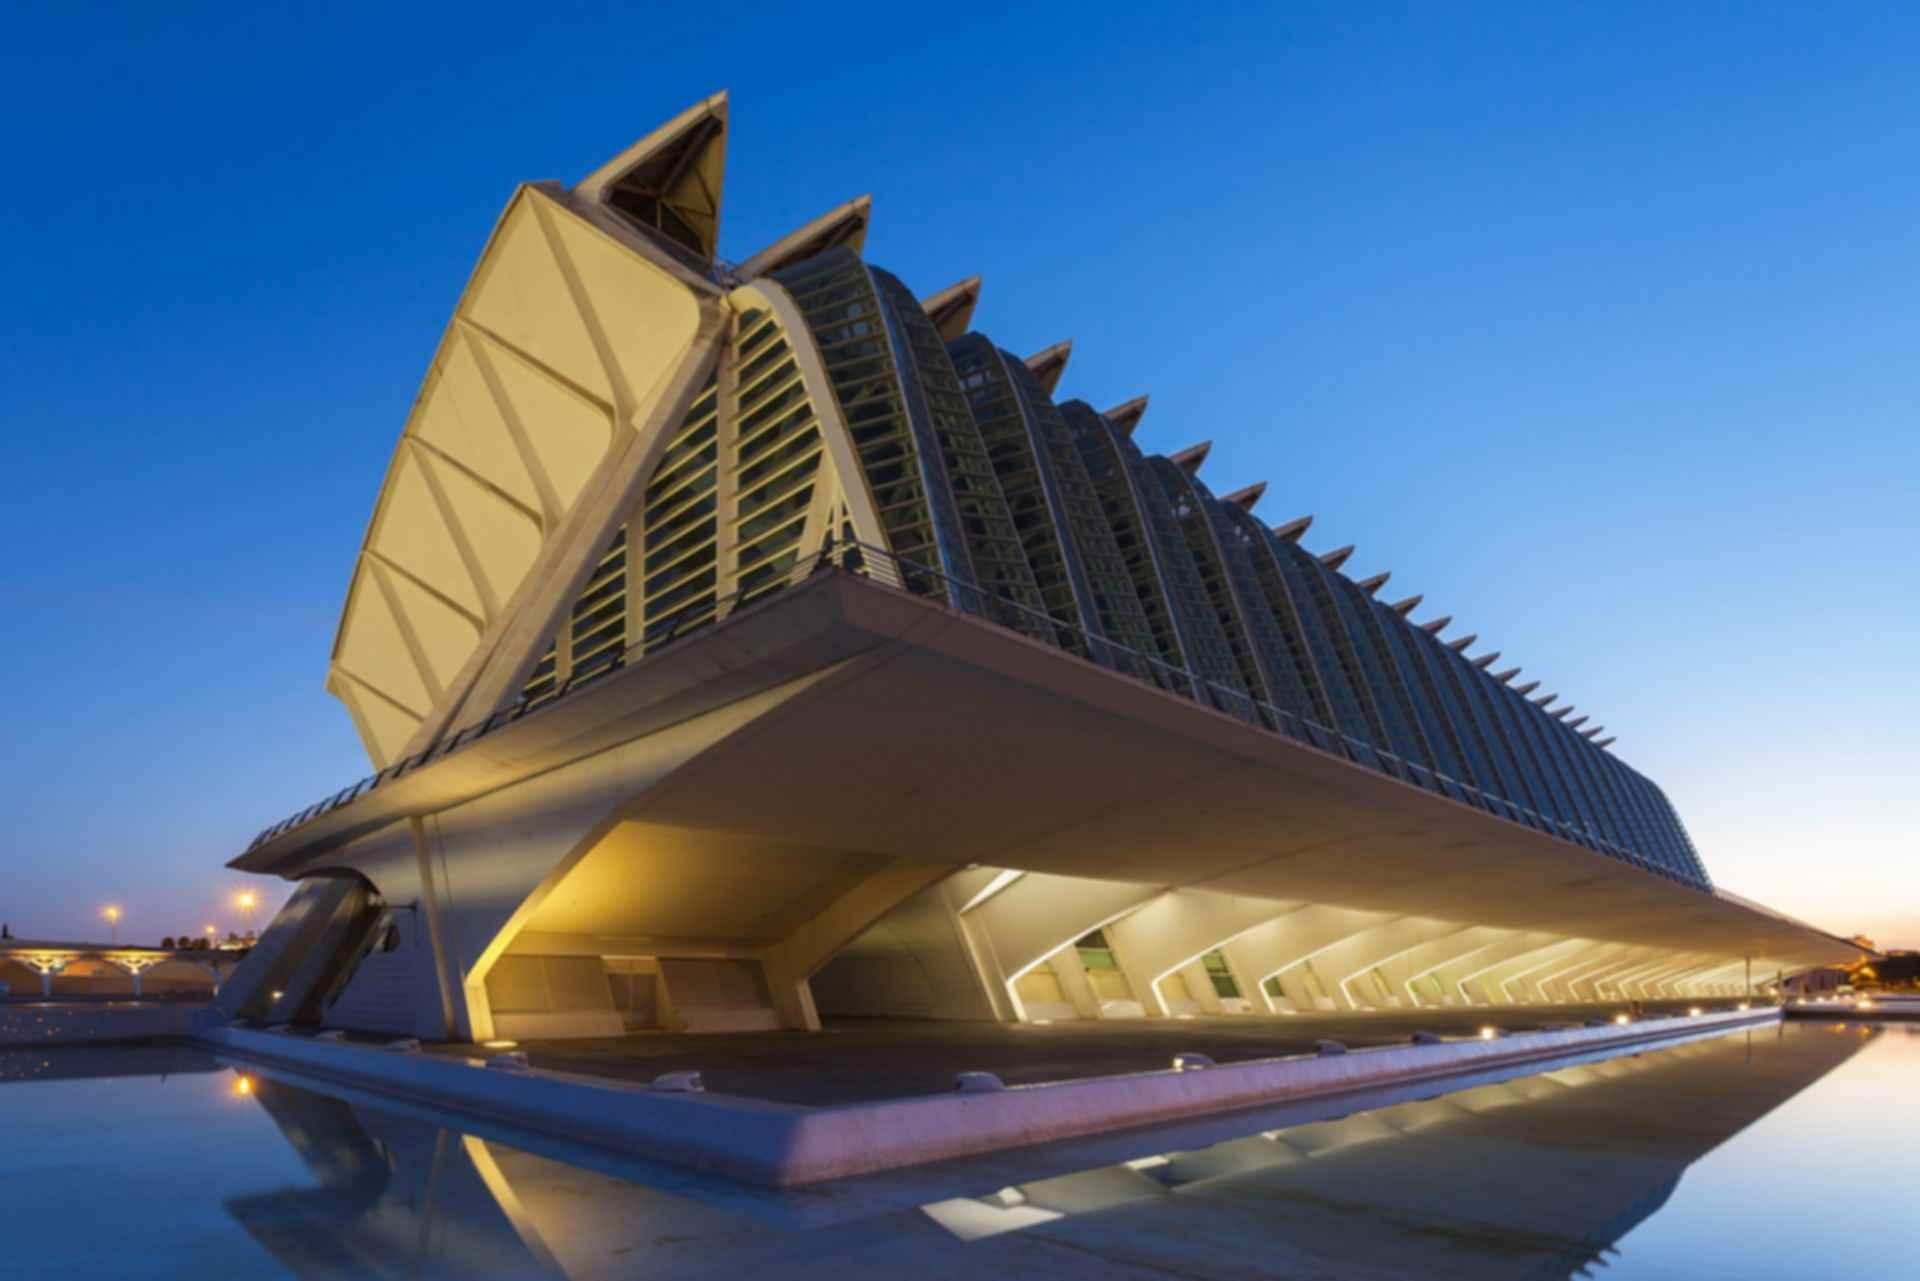 Principe Felipe Science Museum - Exterior